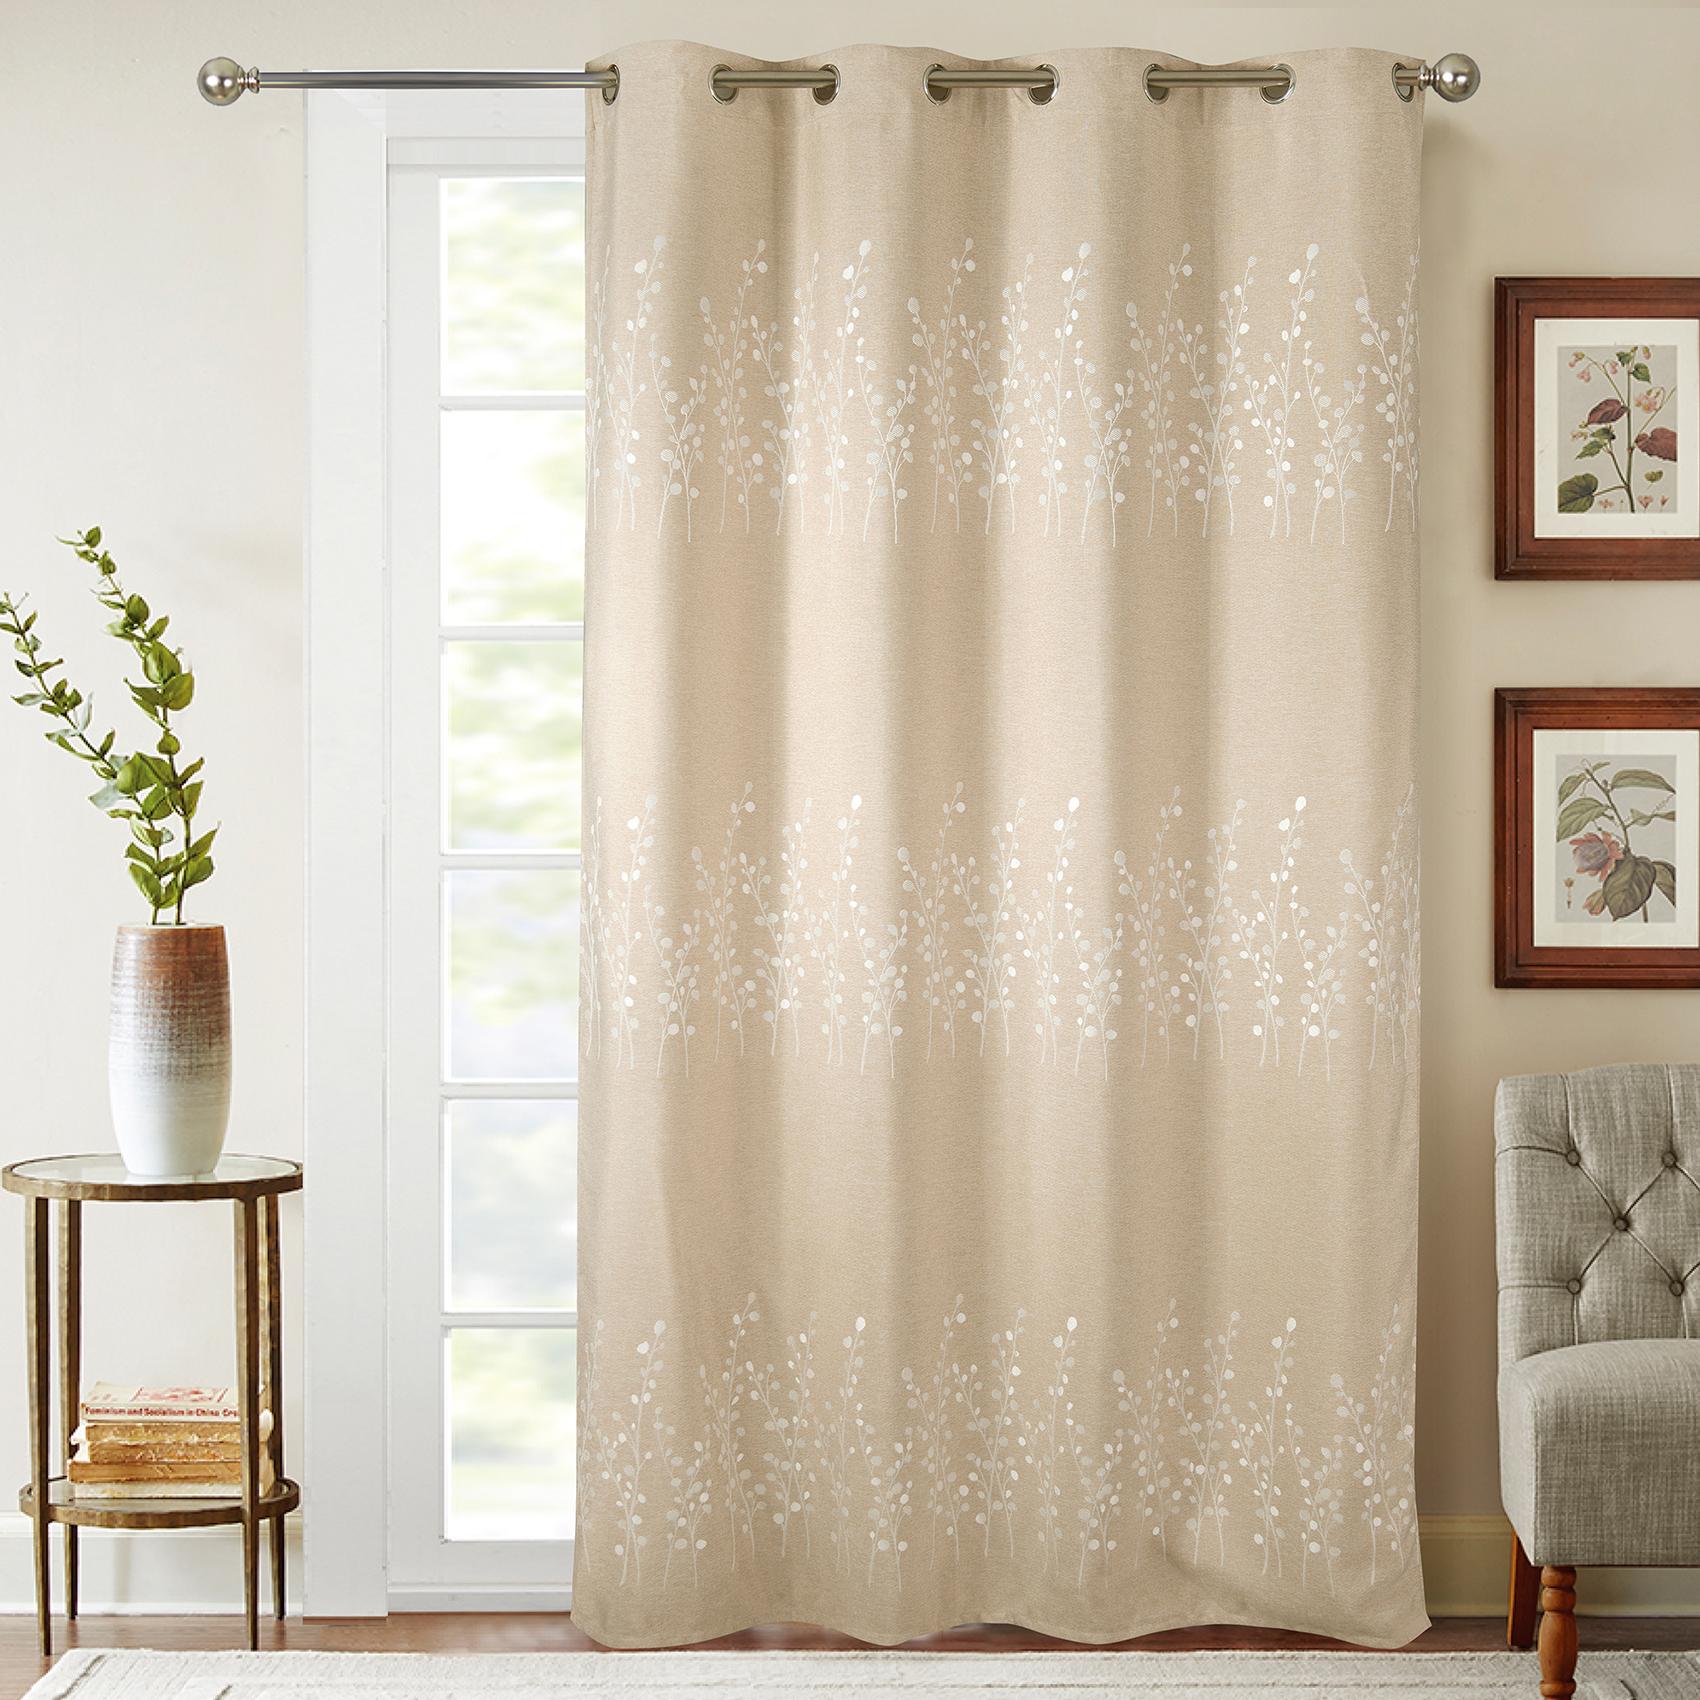 Rideaux occultant avec broderies végétales polyester beige 260x140